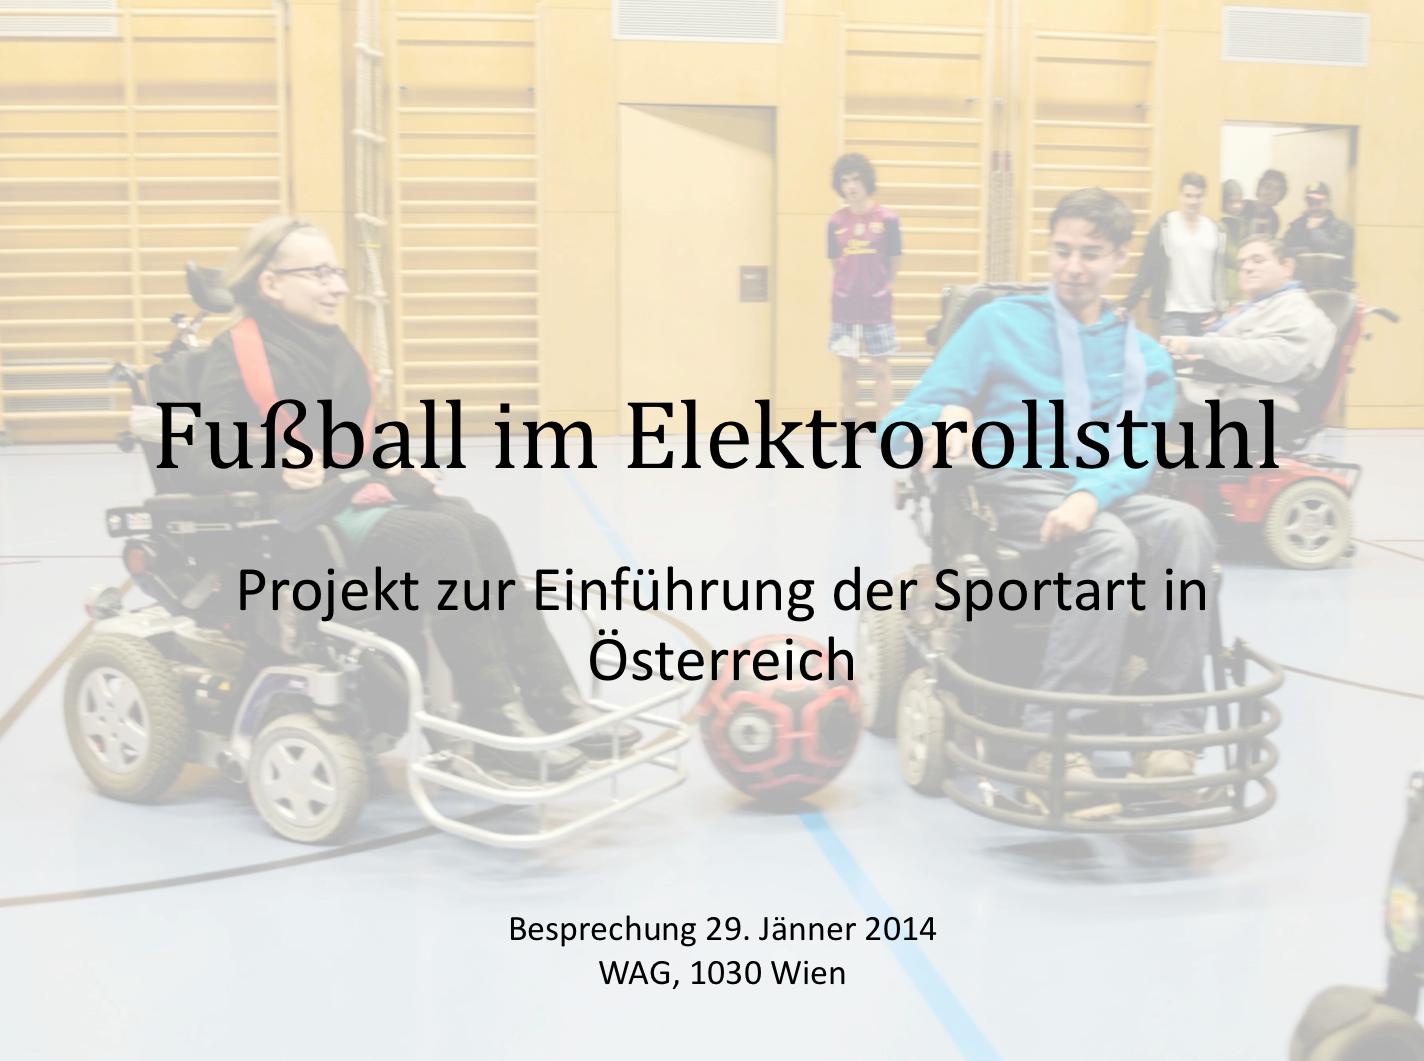 Präsentation von Matias Costa: Projekt zur Einführung der Sportart in Österreich